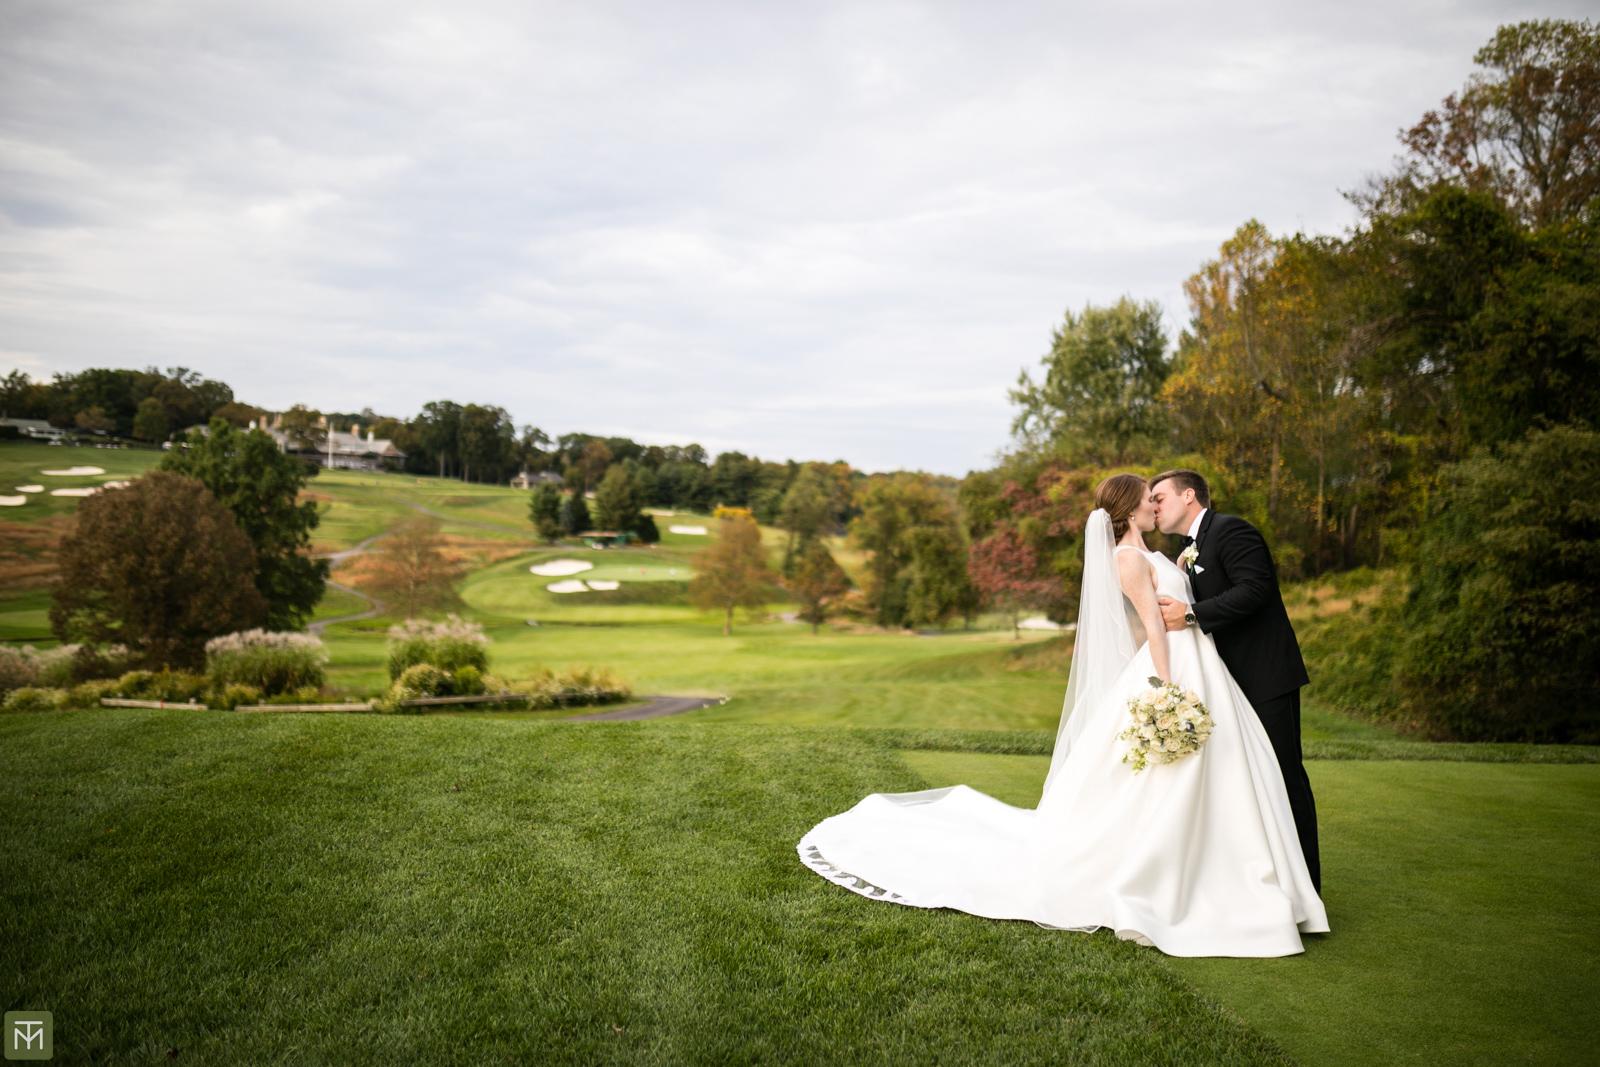 Alex & Elizabeth {Wedding by Haley}